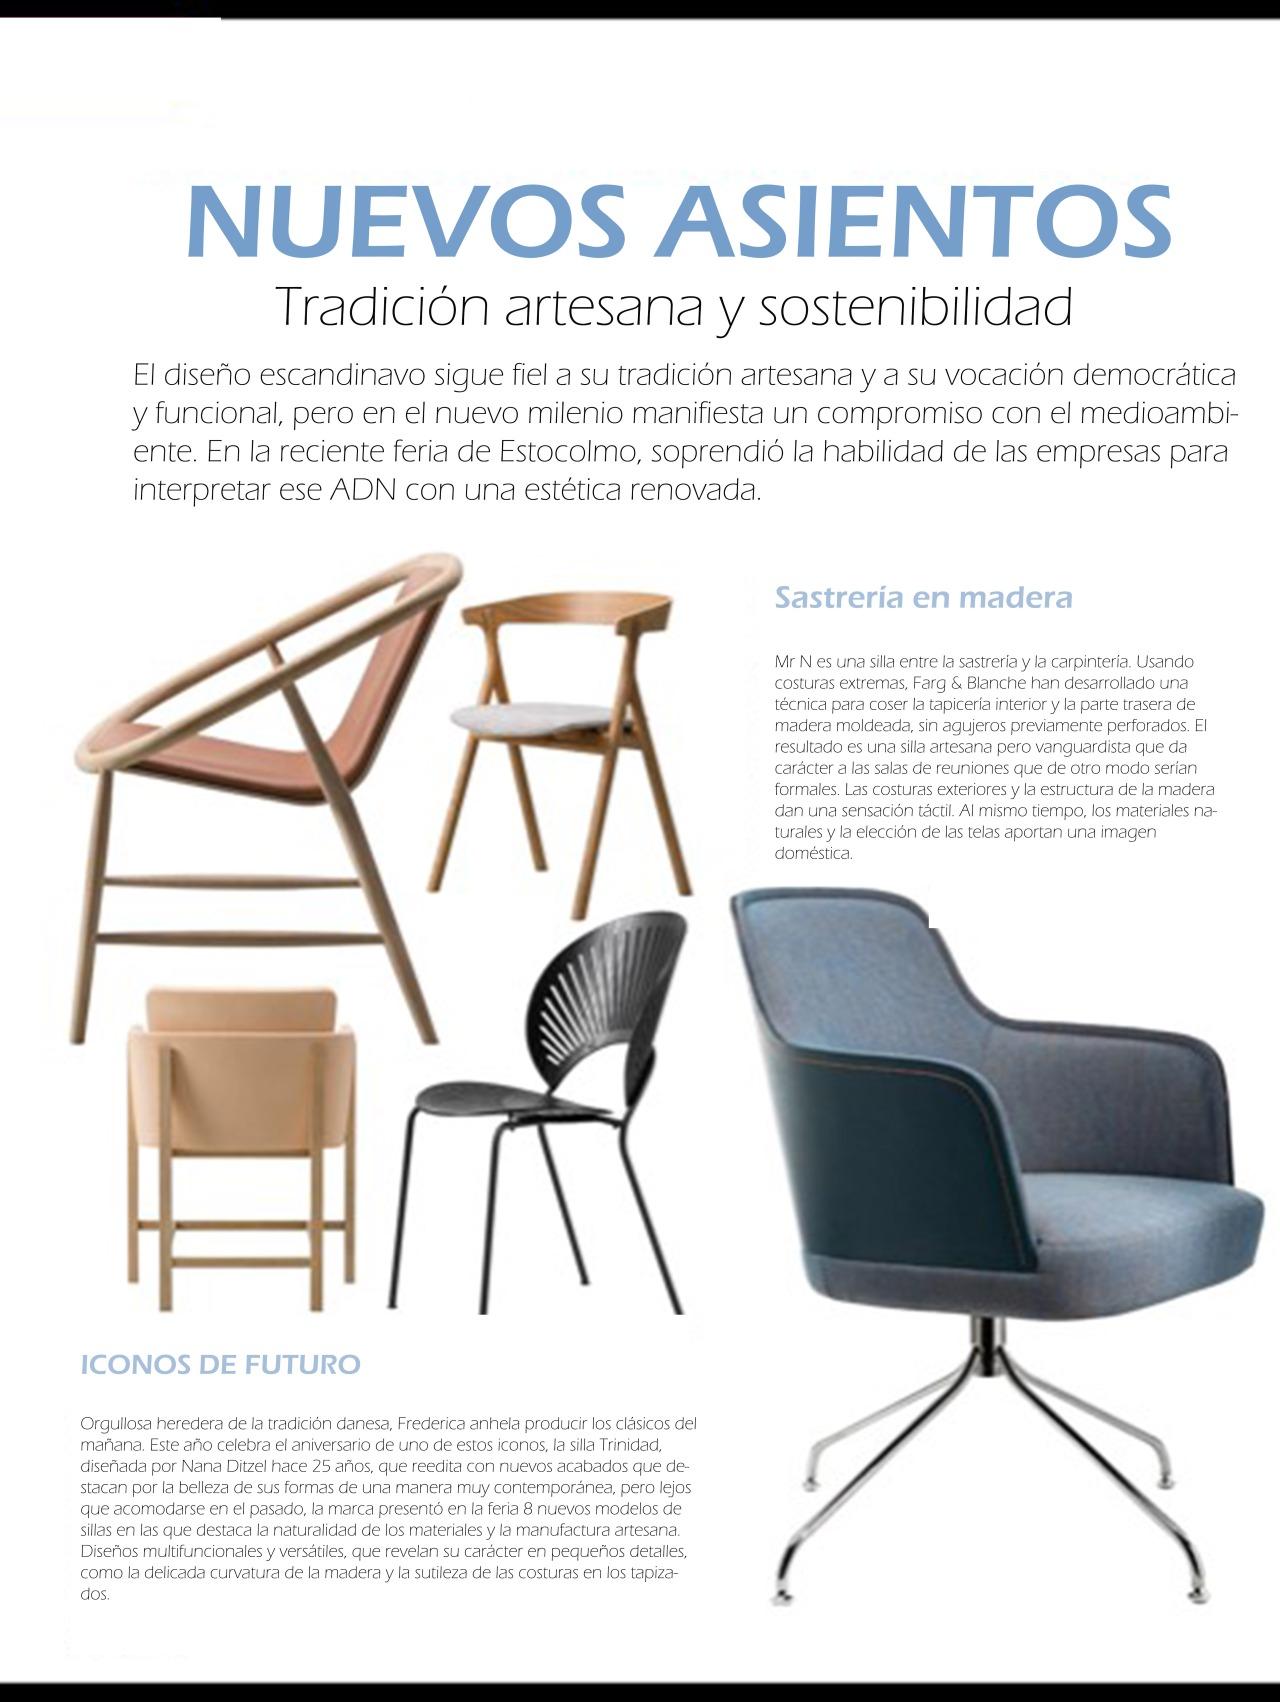 Nuevos asientos: Tradición artesana ysostenibilidad